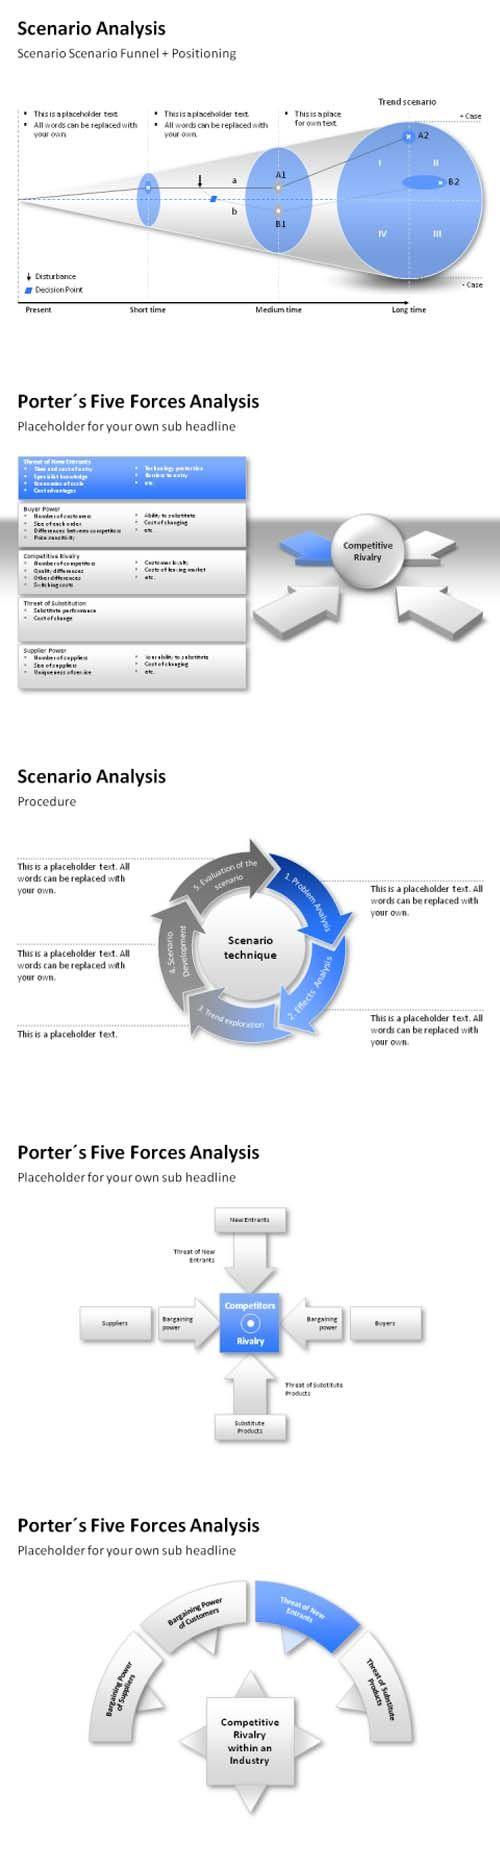 Business Analysis Templates. Scenario analysis #albertobokos ...